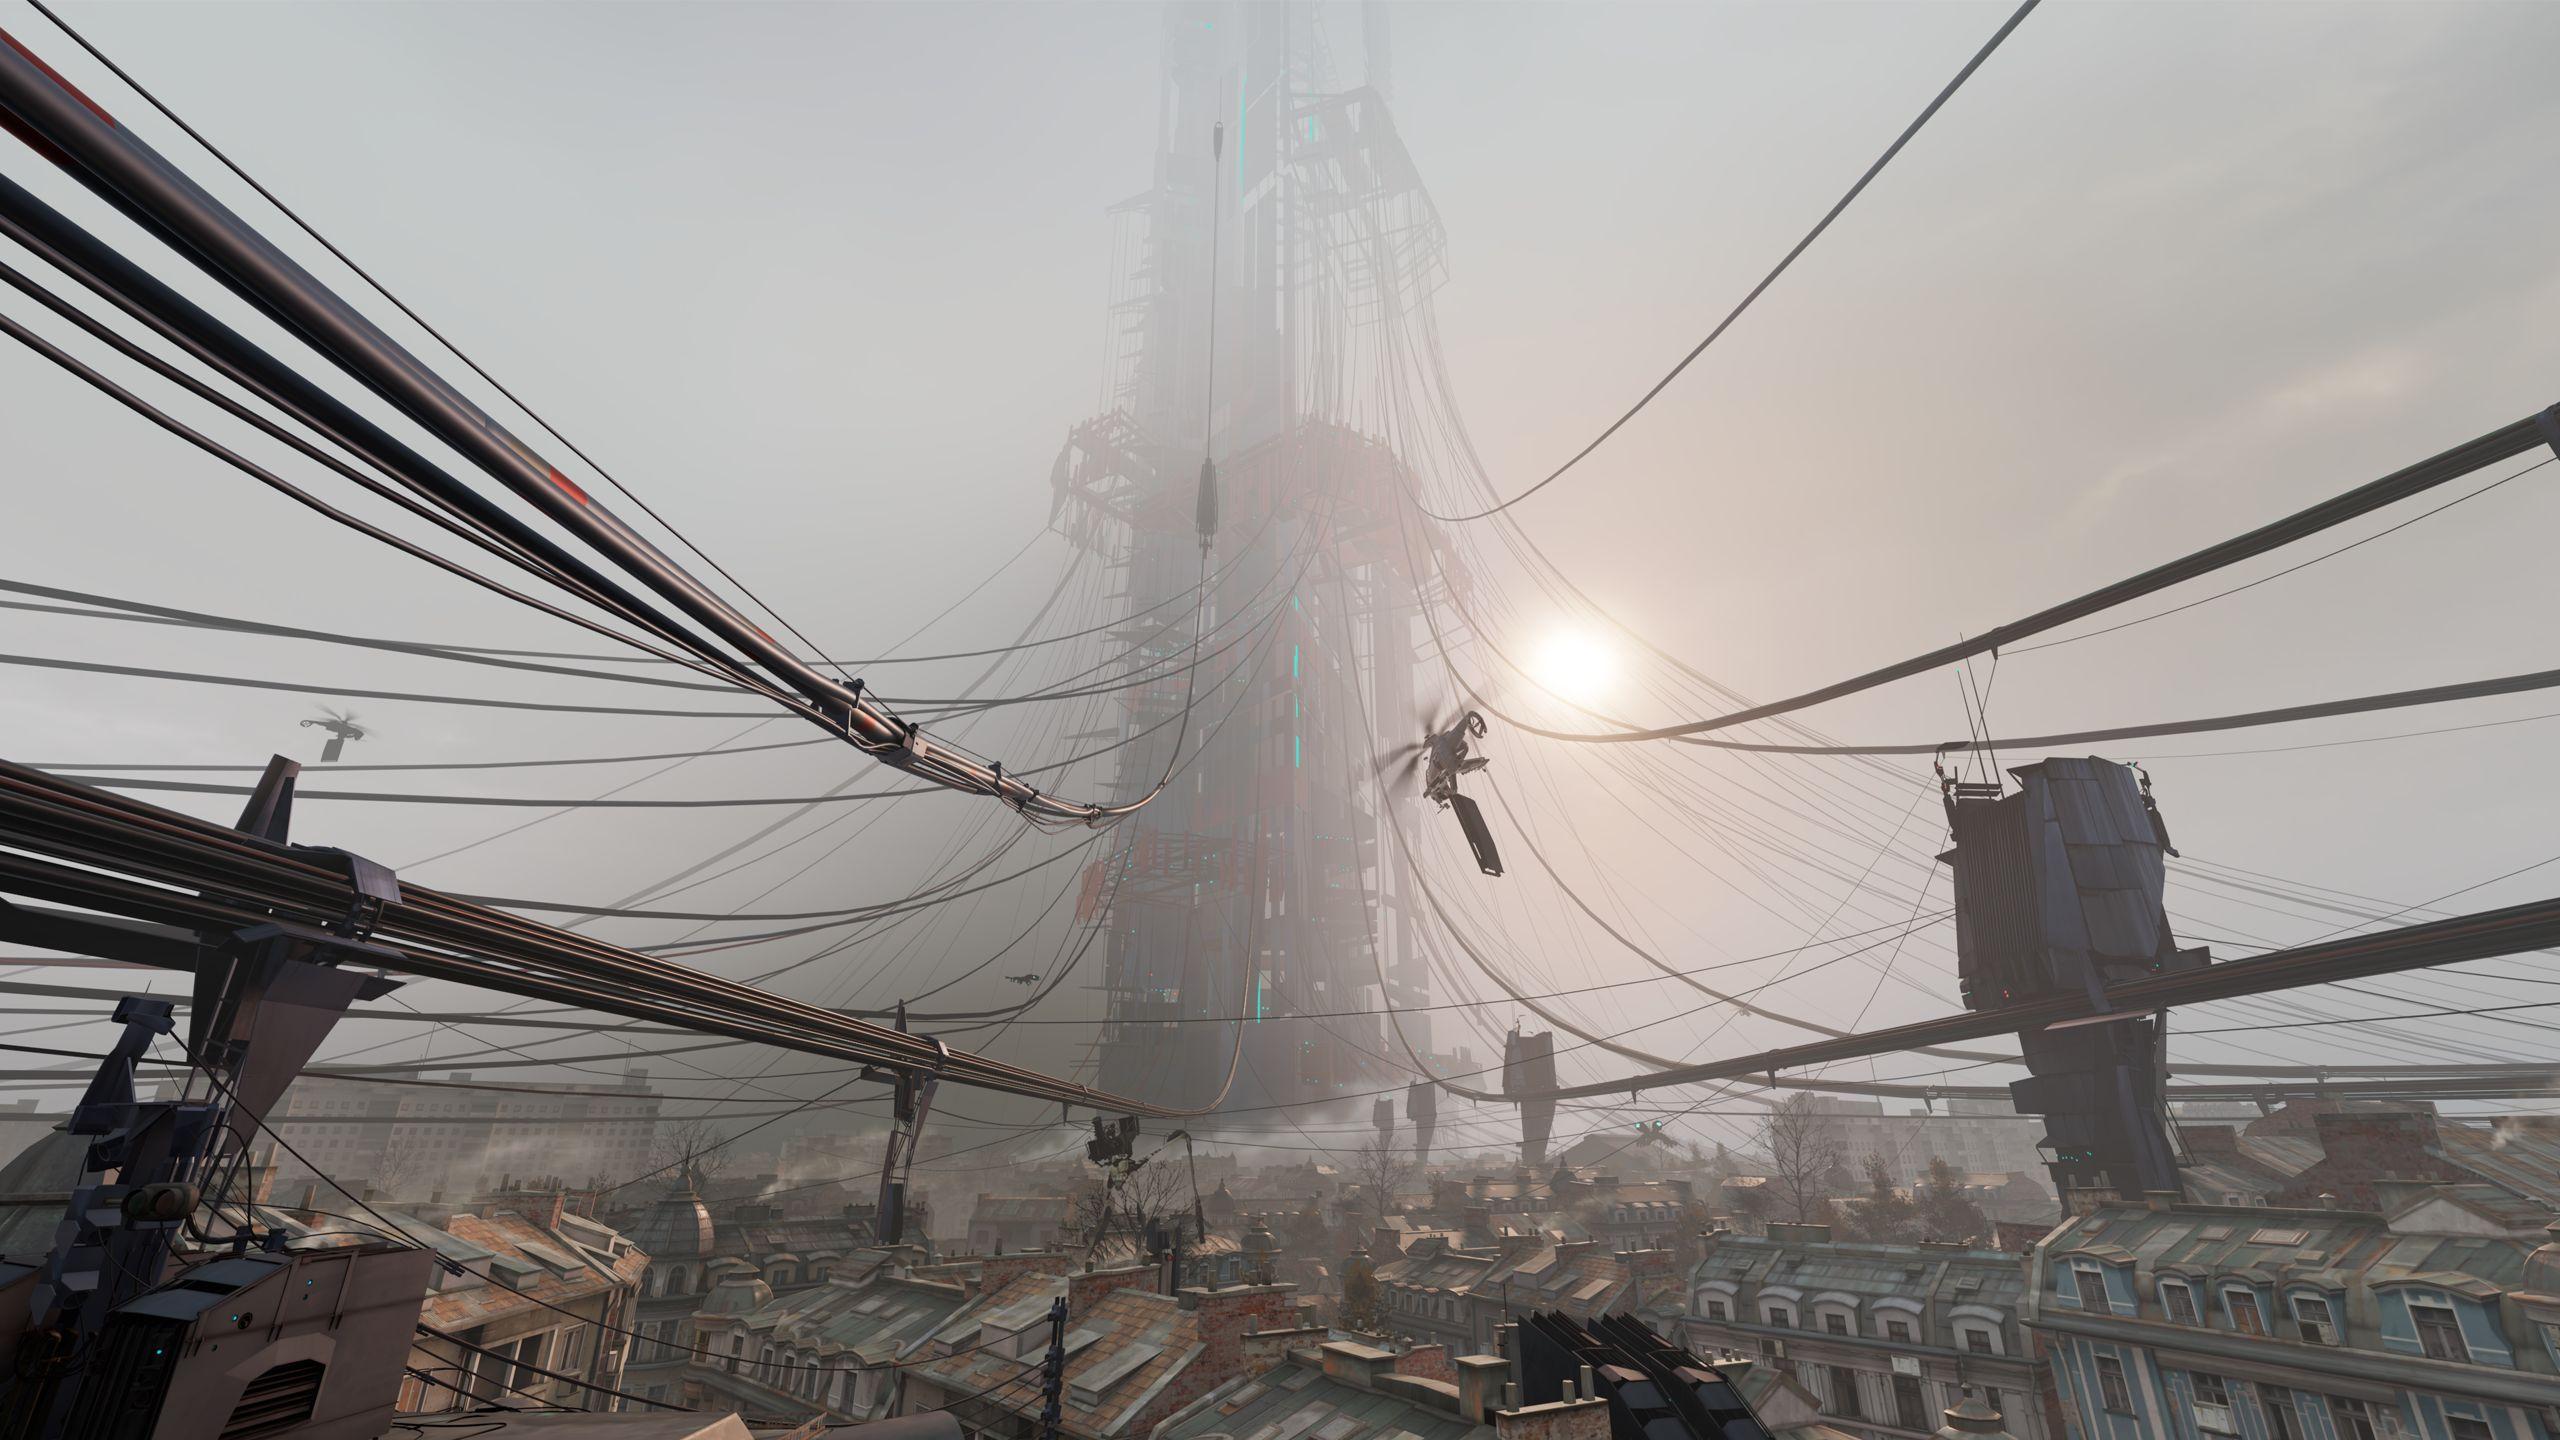 Valve predstavilo VR titul Half-Life: Alyx